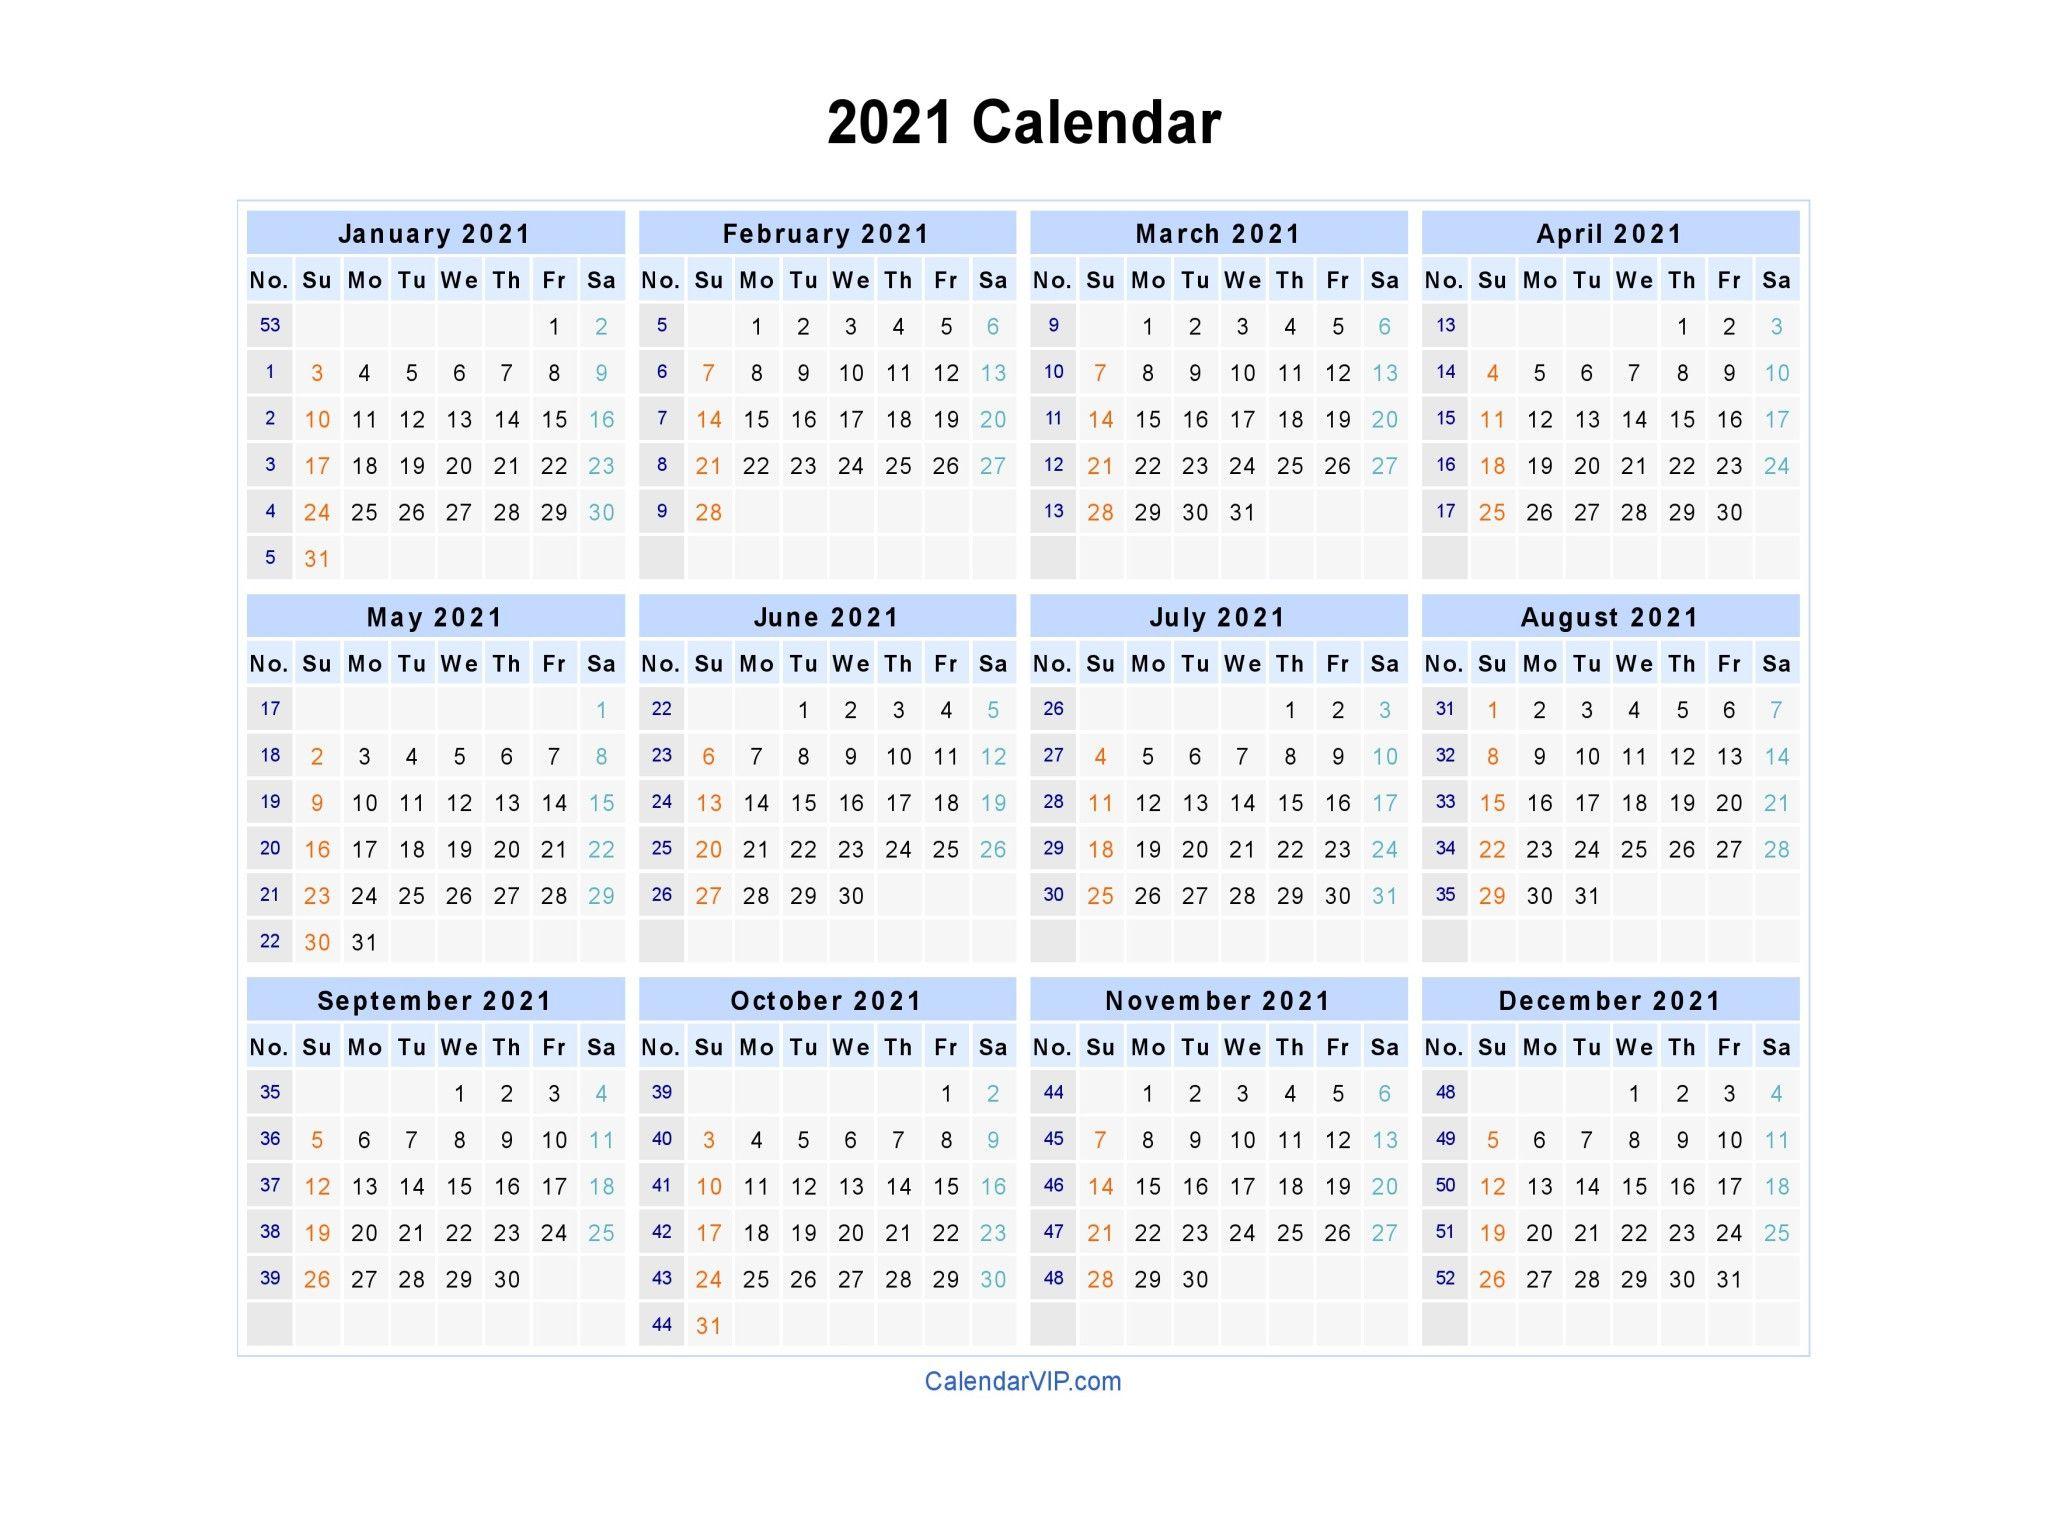 2021 Calendar Blank Printable Calendar Template In Pdf 2021 Calendar 2021 Calendar Templa In 2020 Excel Calendar Template Printable Calendar Template Calendar Template